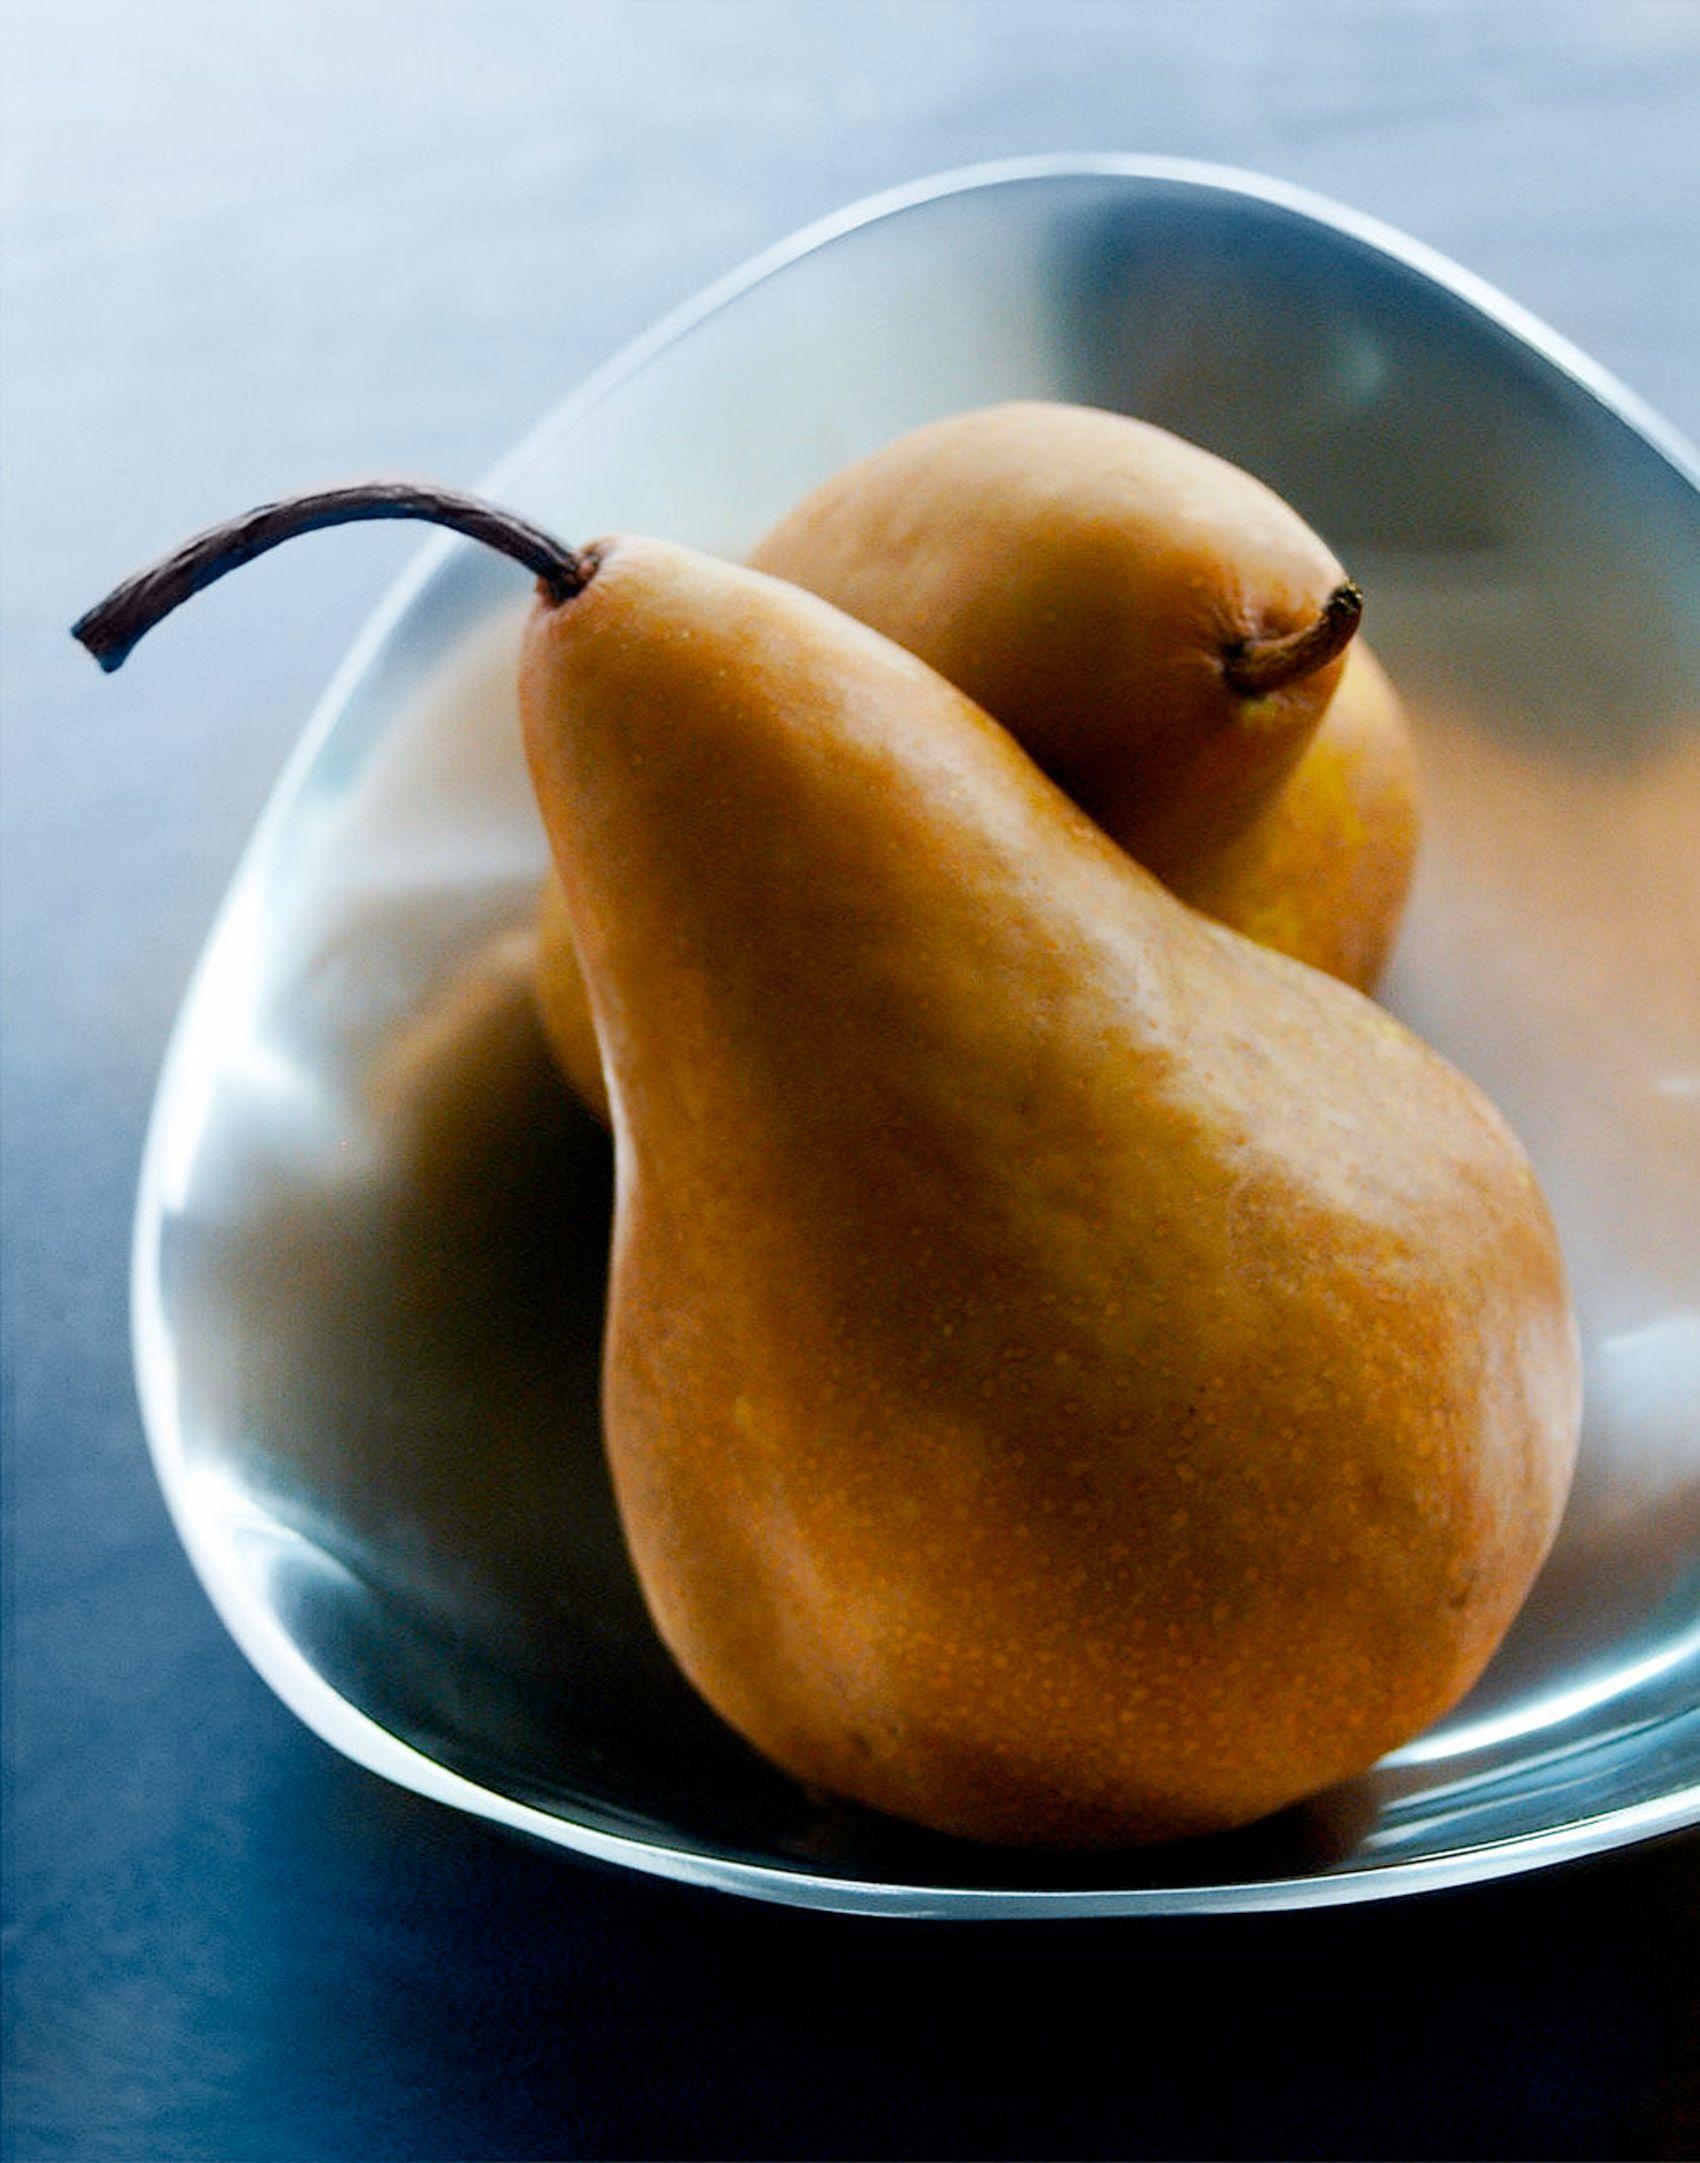 pears_.jpg